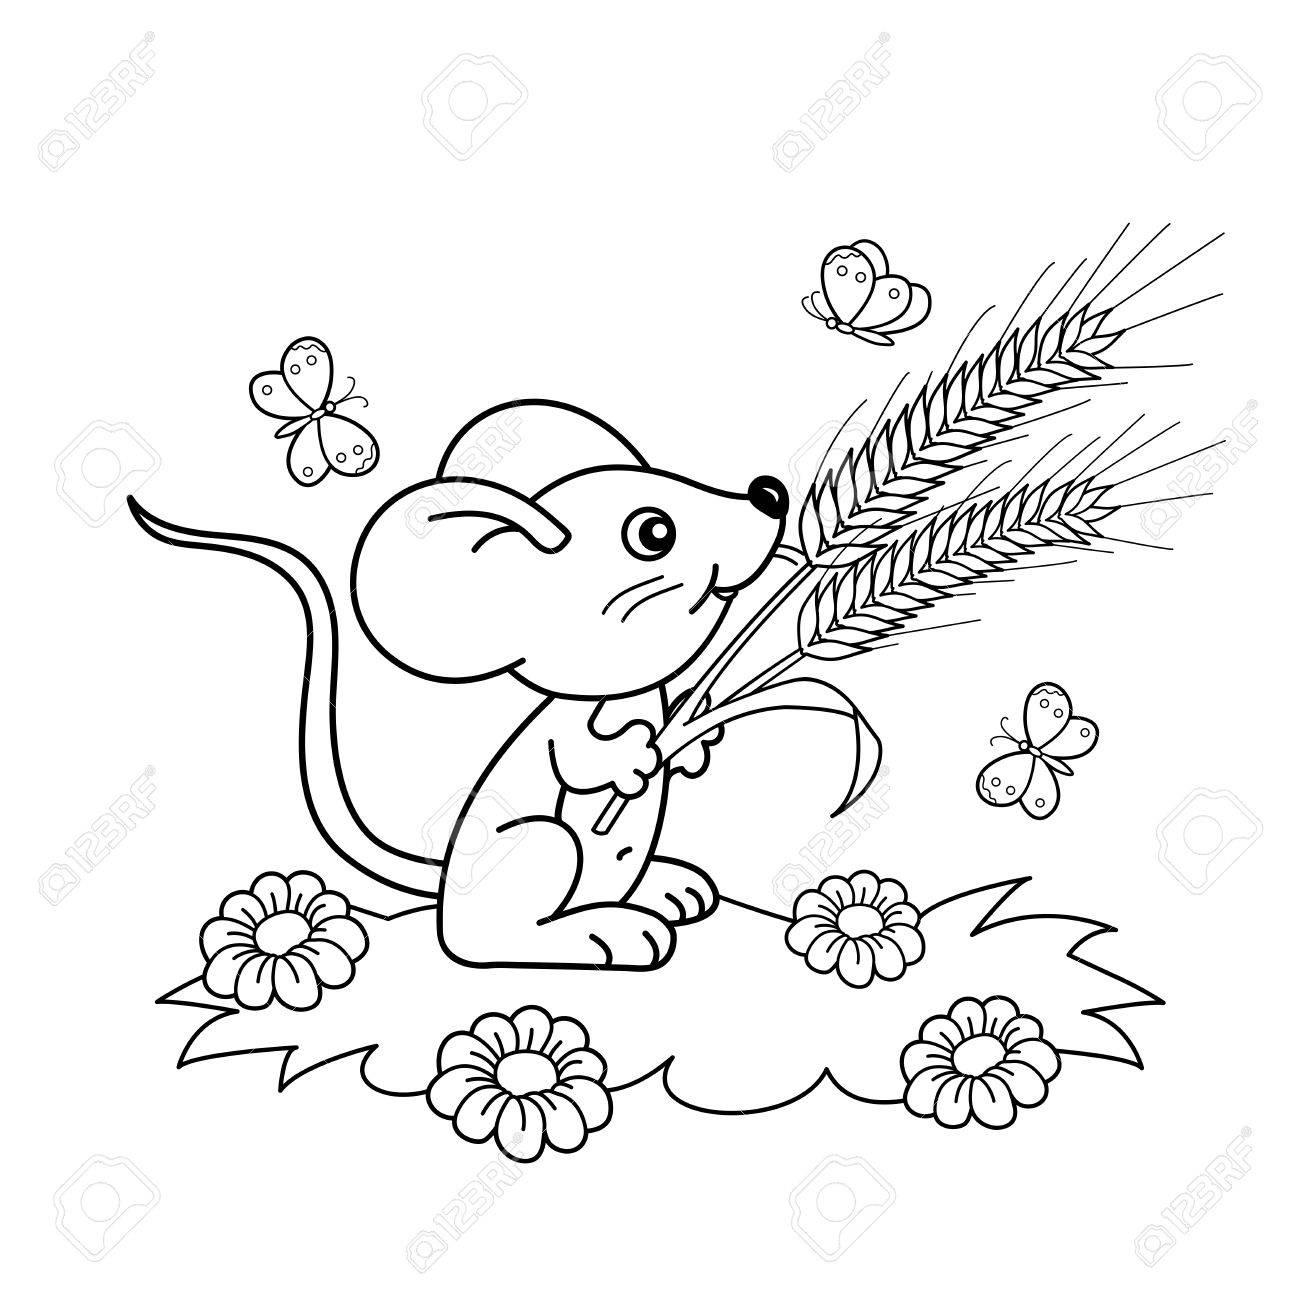 Página Para Colorear Esquema De Pequeño Ratón De Dibujos Animados ...